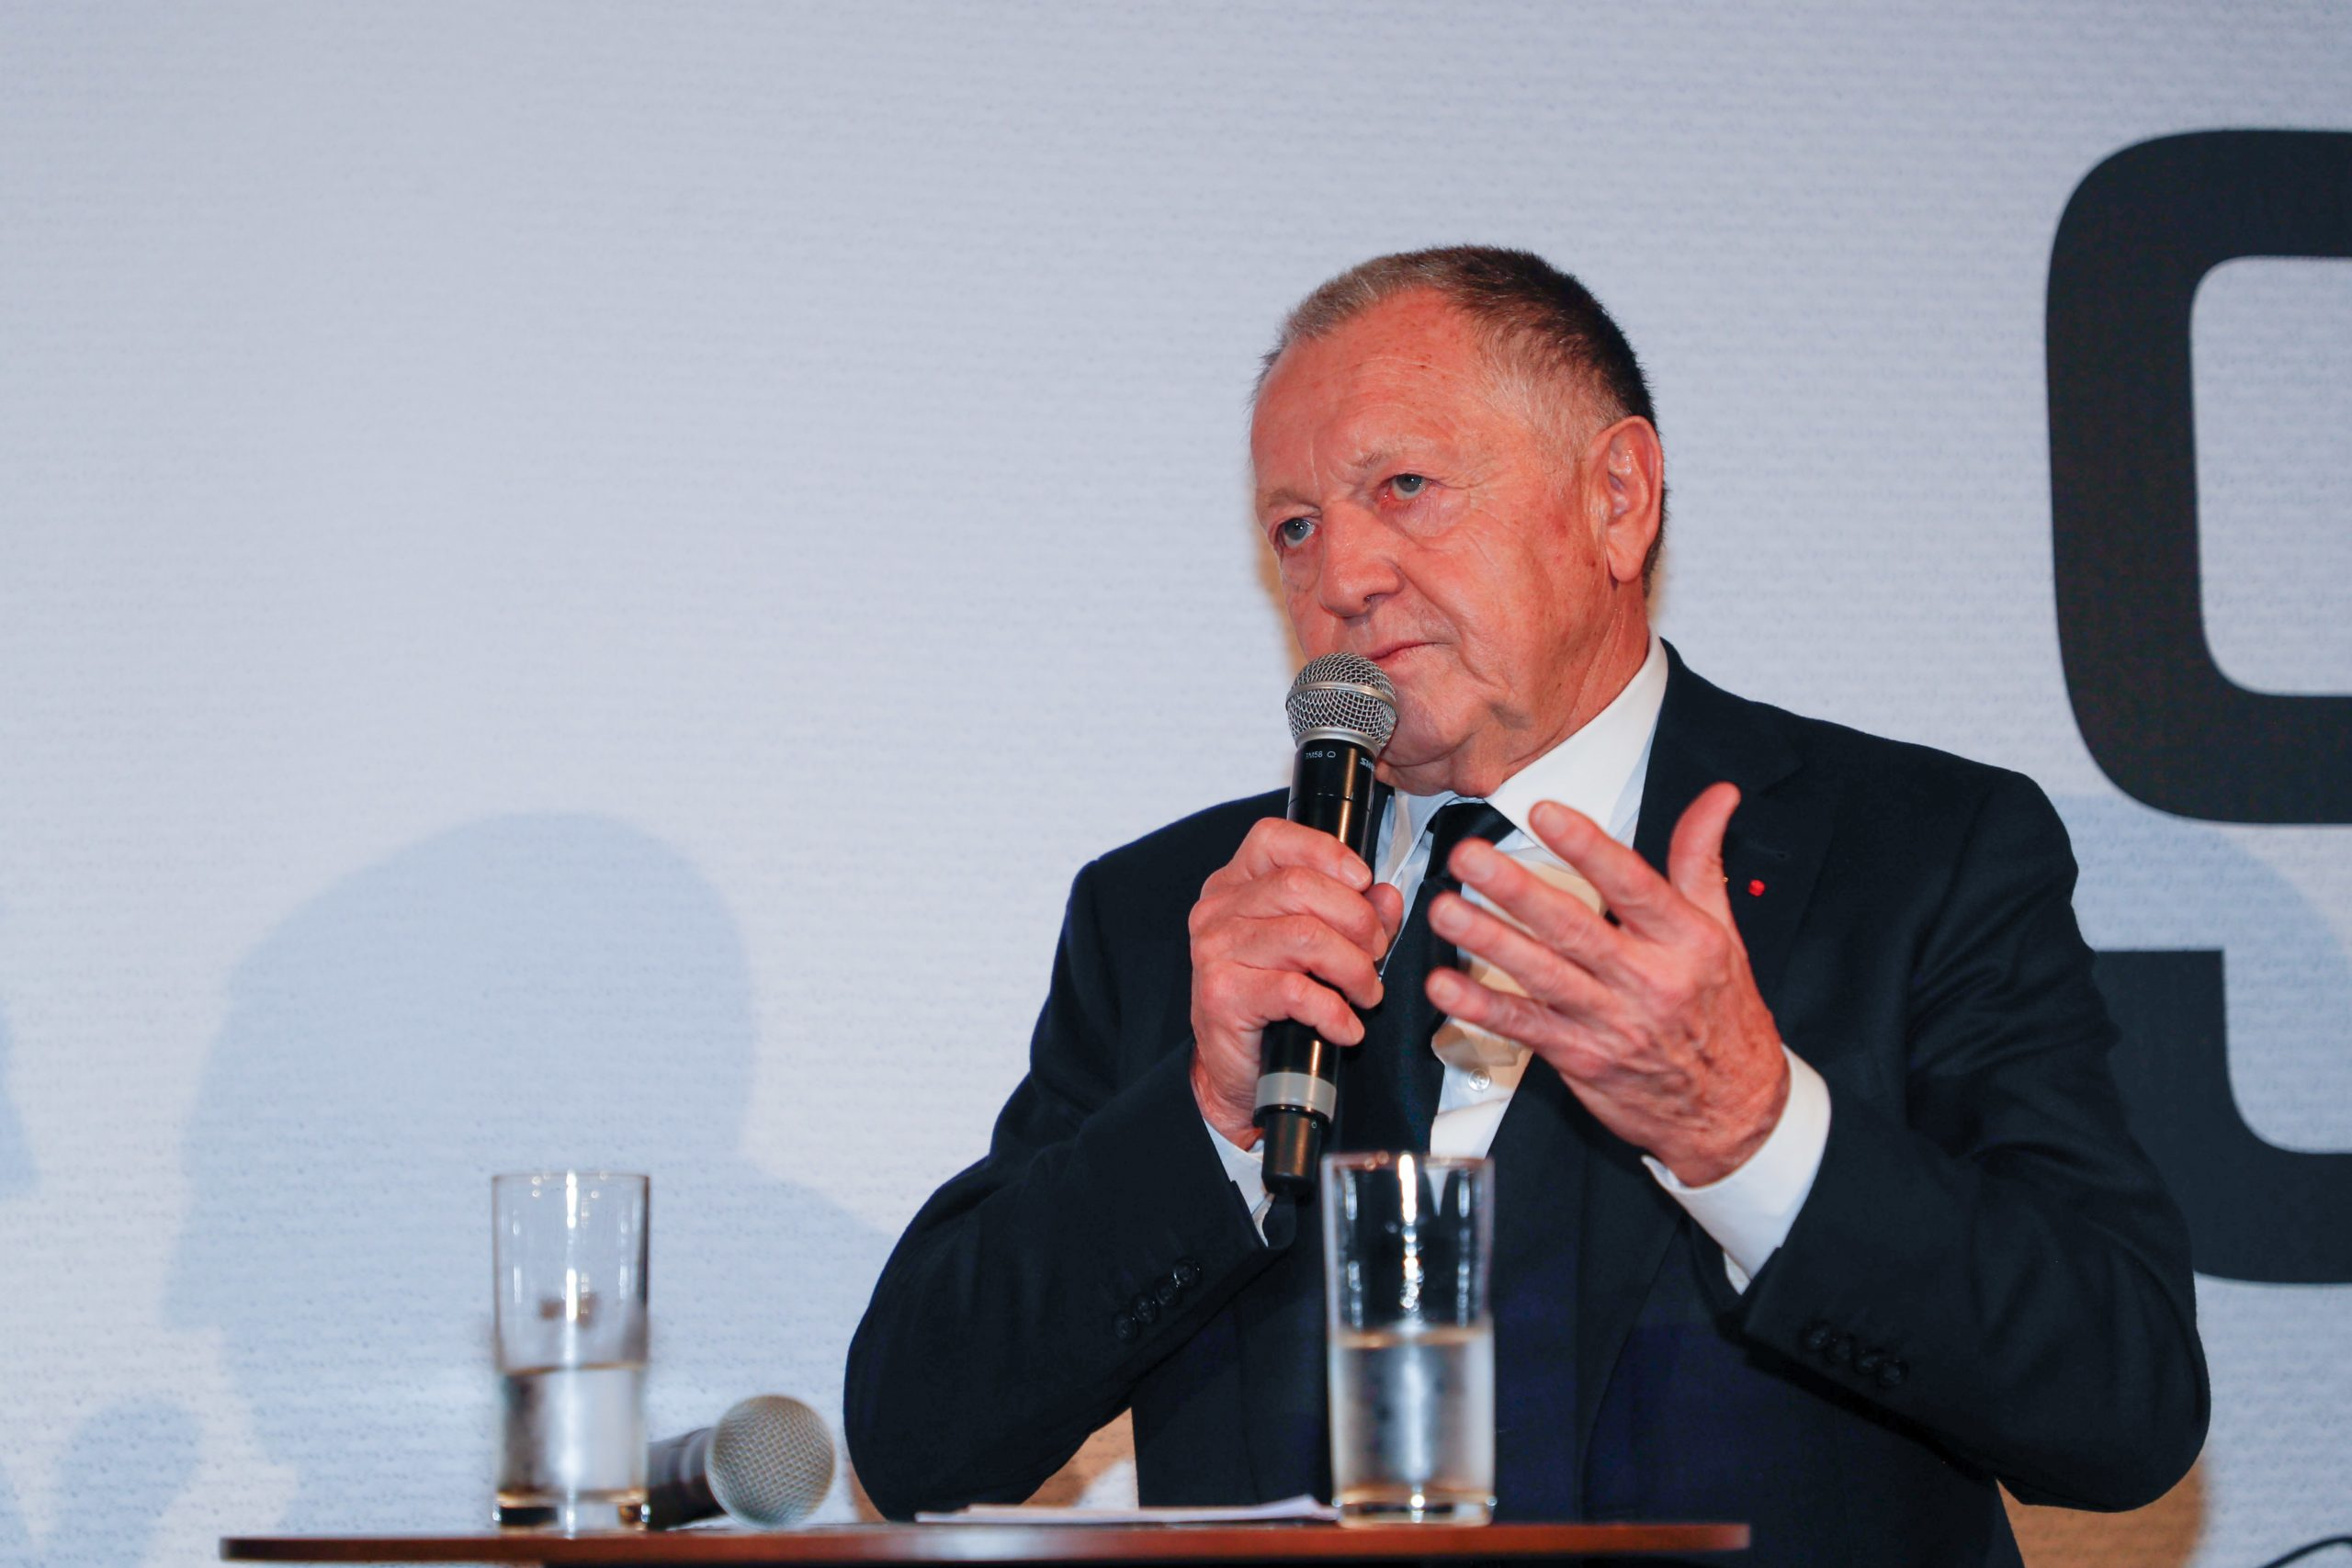 """Aulas explique le manque de solidarité dans le football avec """"le gap économique"""" et la """"jalousie"""""""